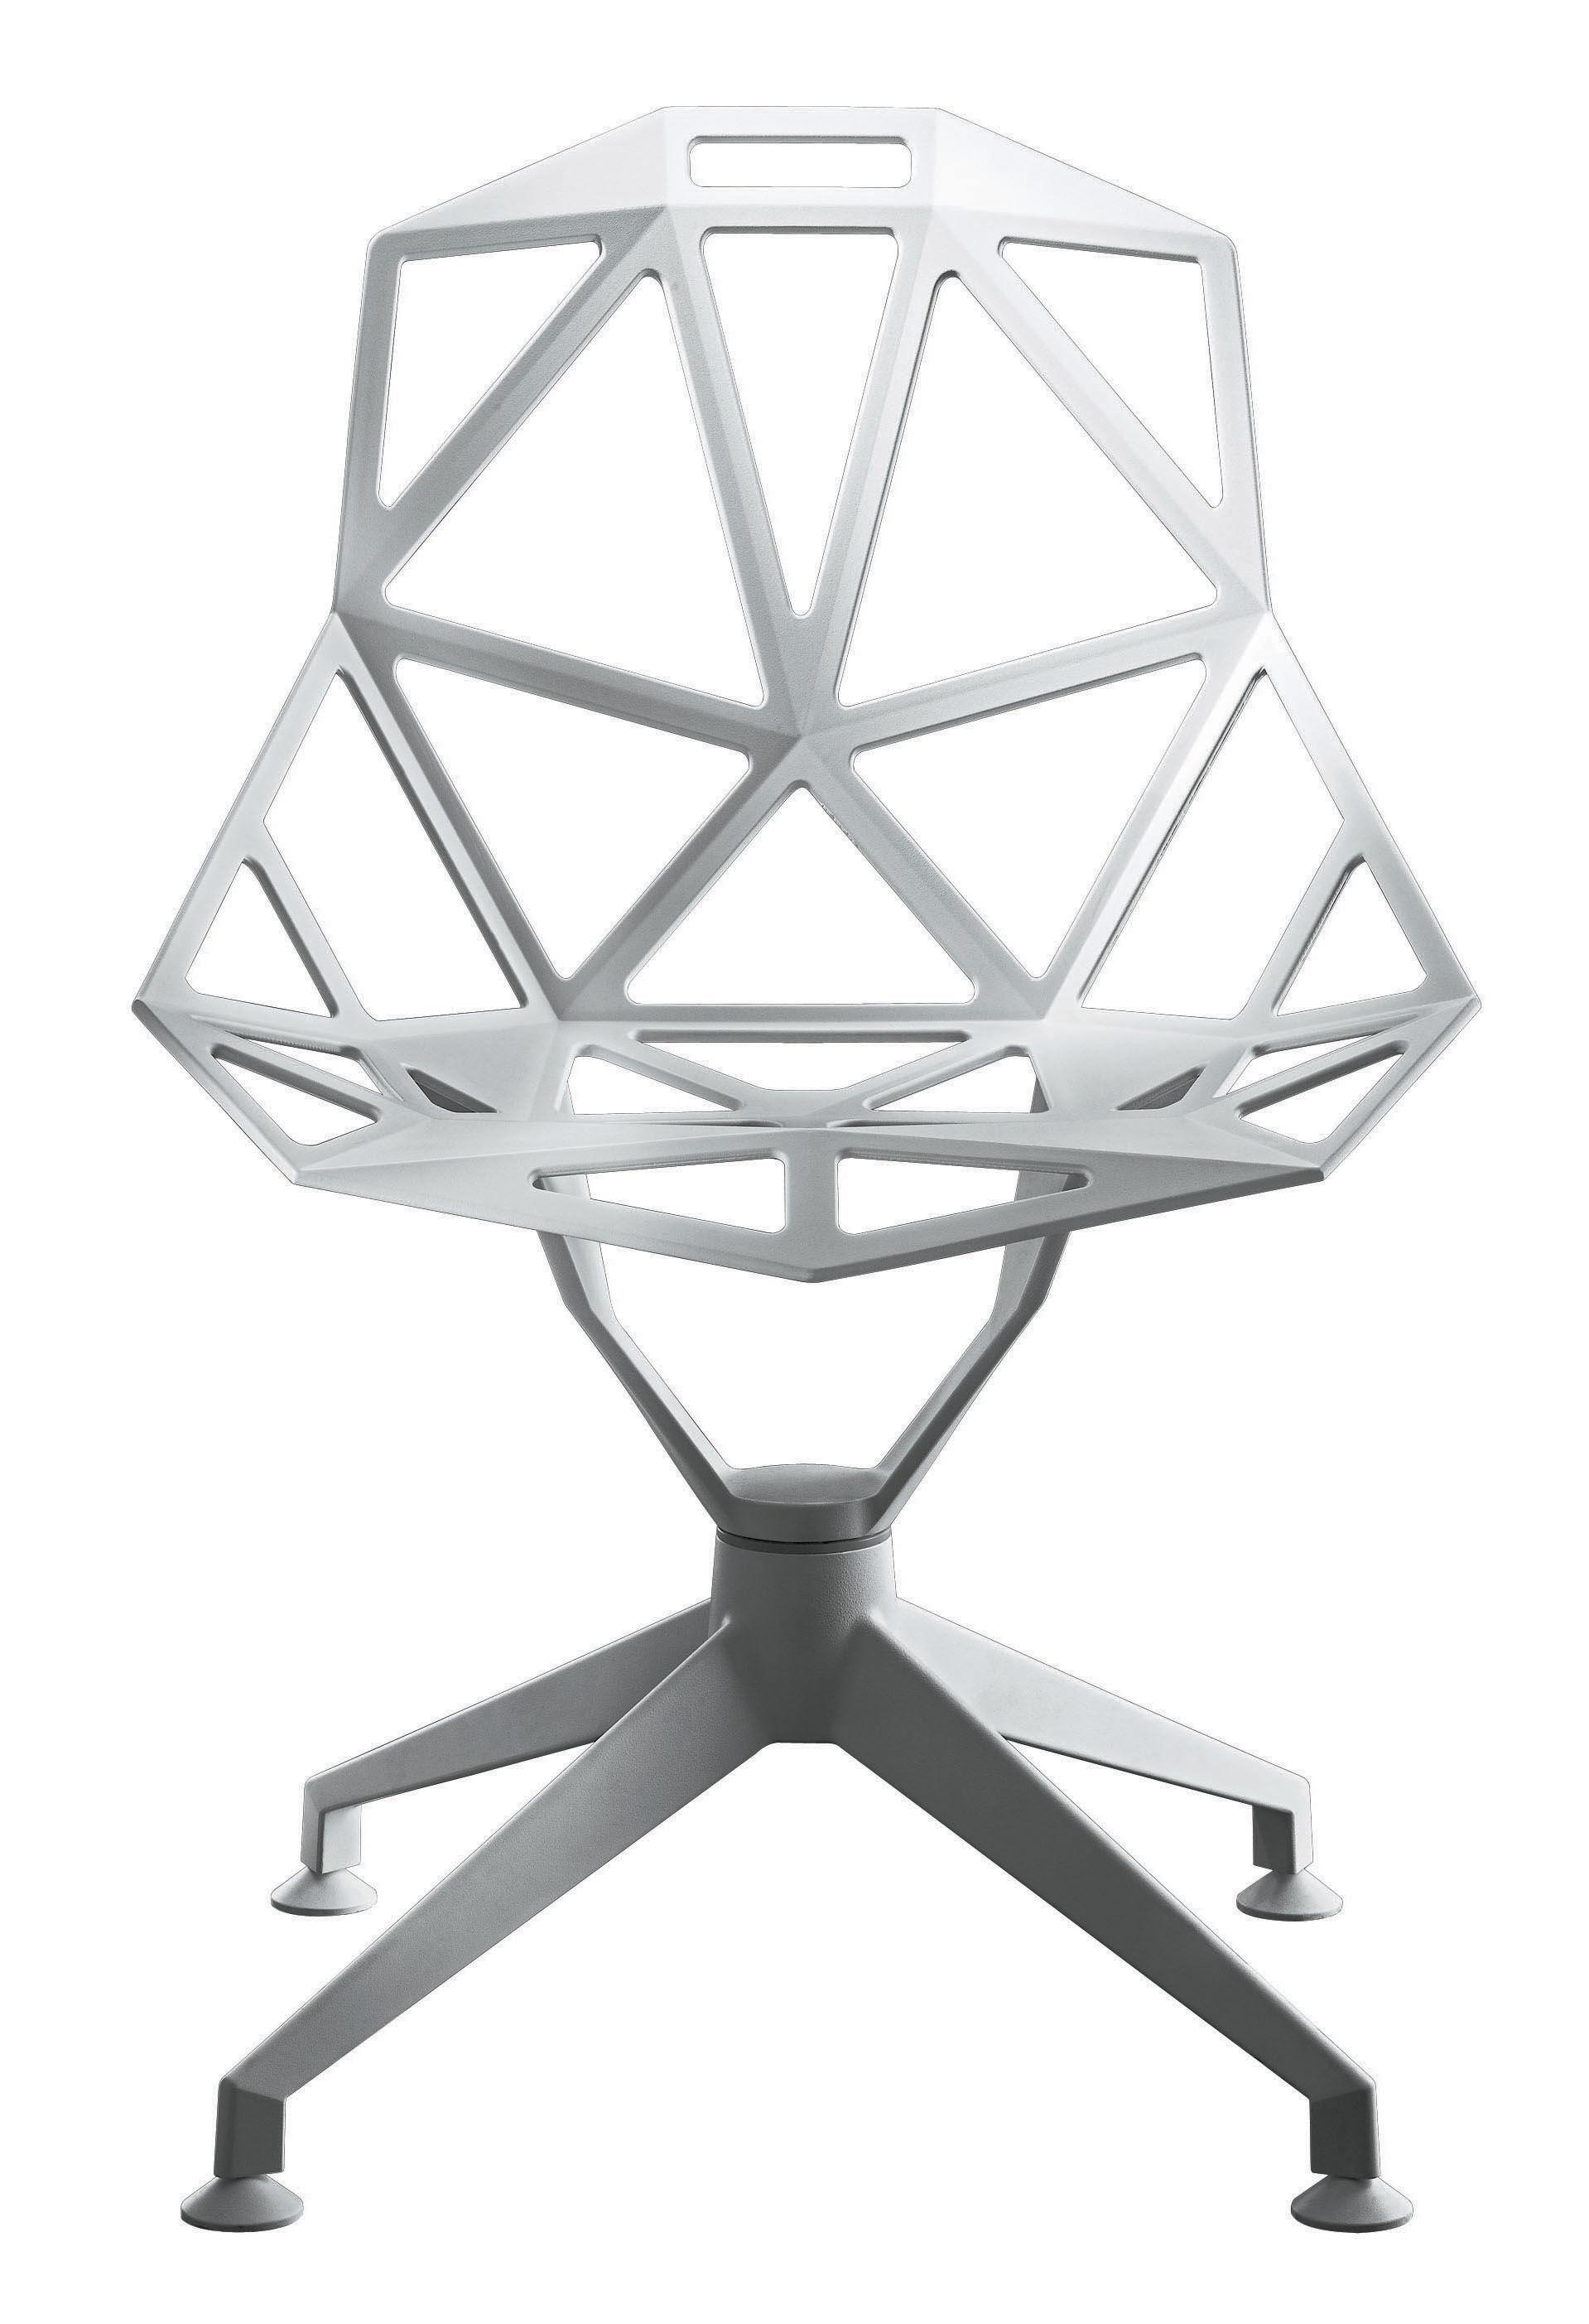 Mobilier - Chaises, fauteuils de salle à manger - Fauteuil pivotant Chair One 4Star / Métal - Magis - Blanc - Fonte d'aluminium verni